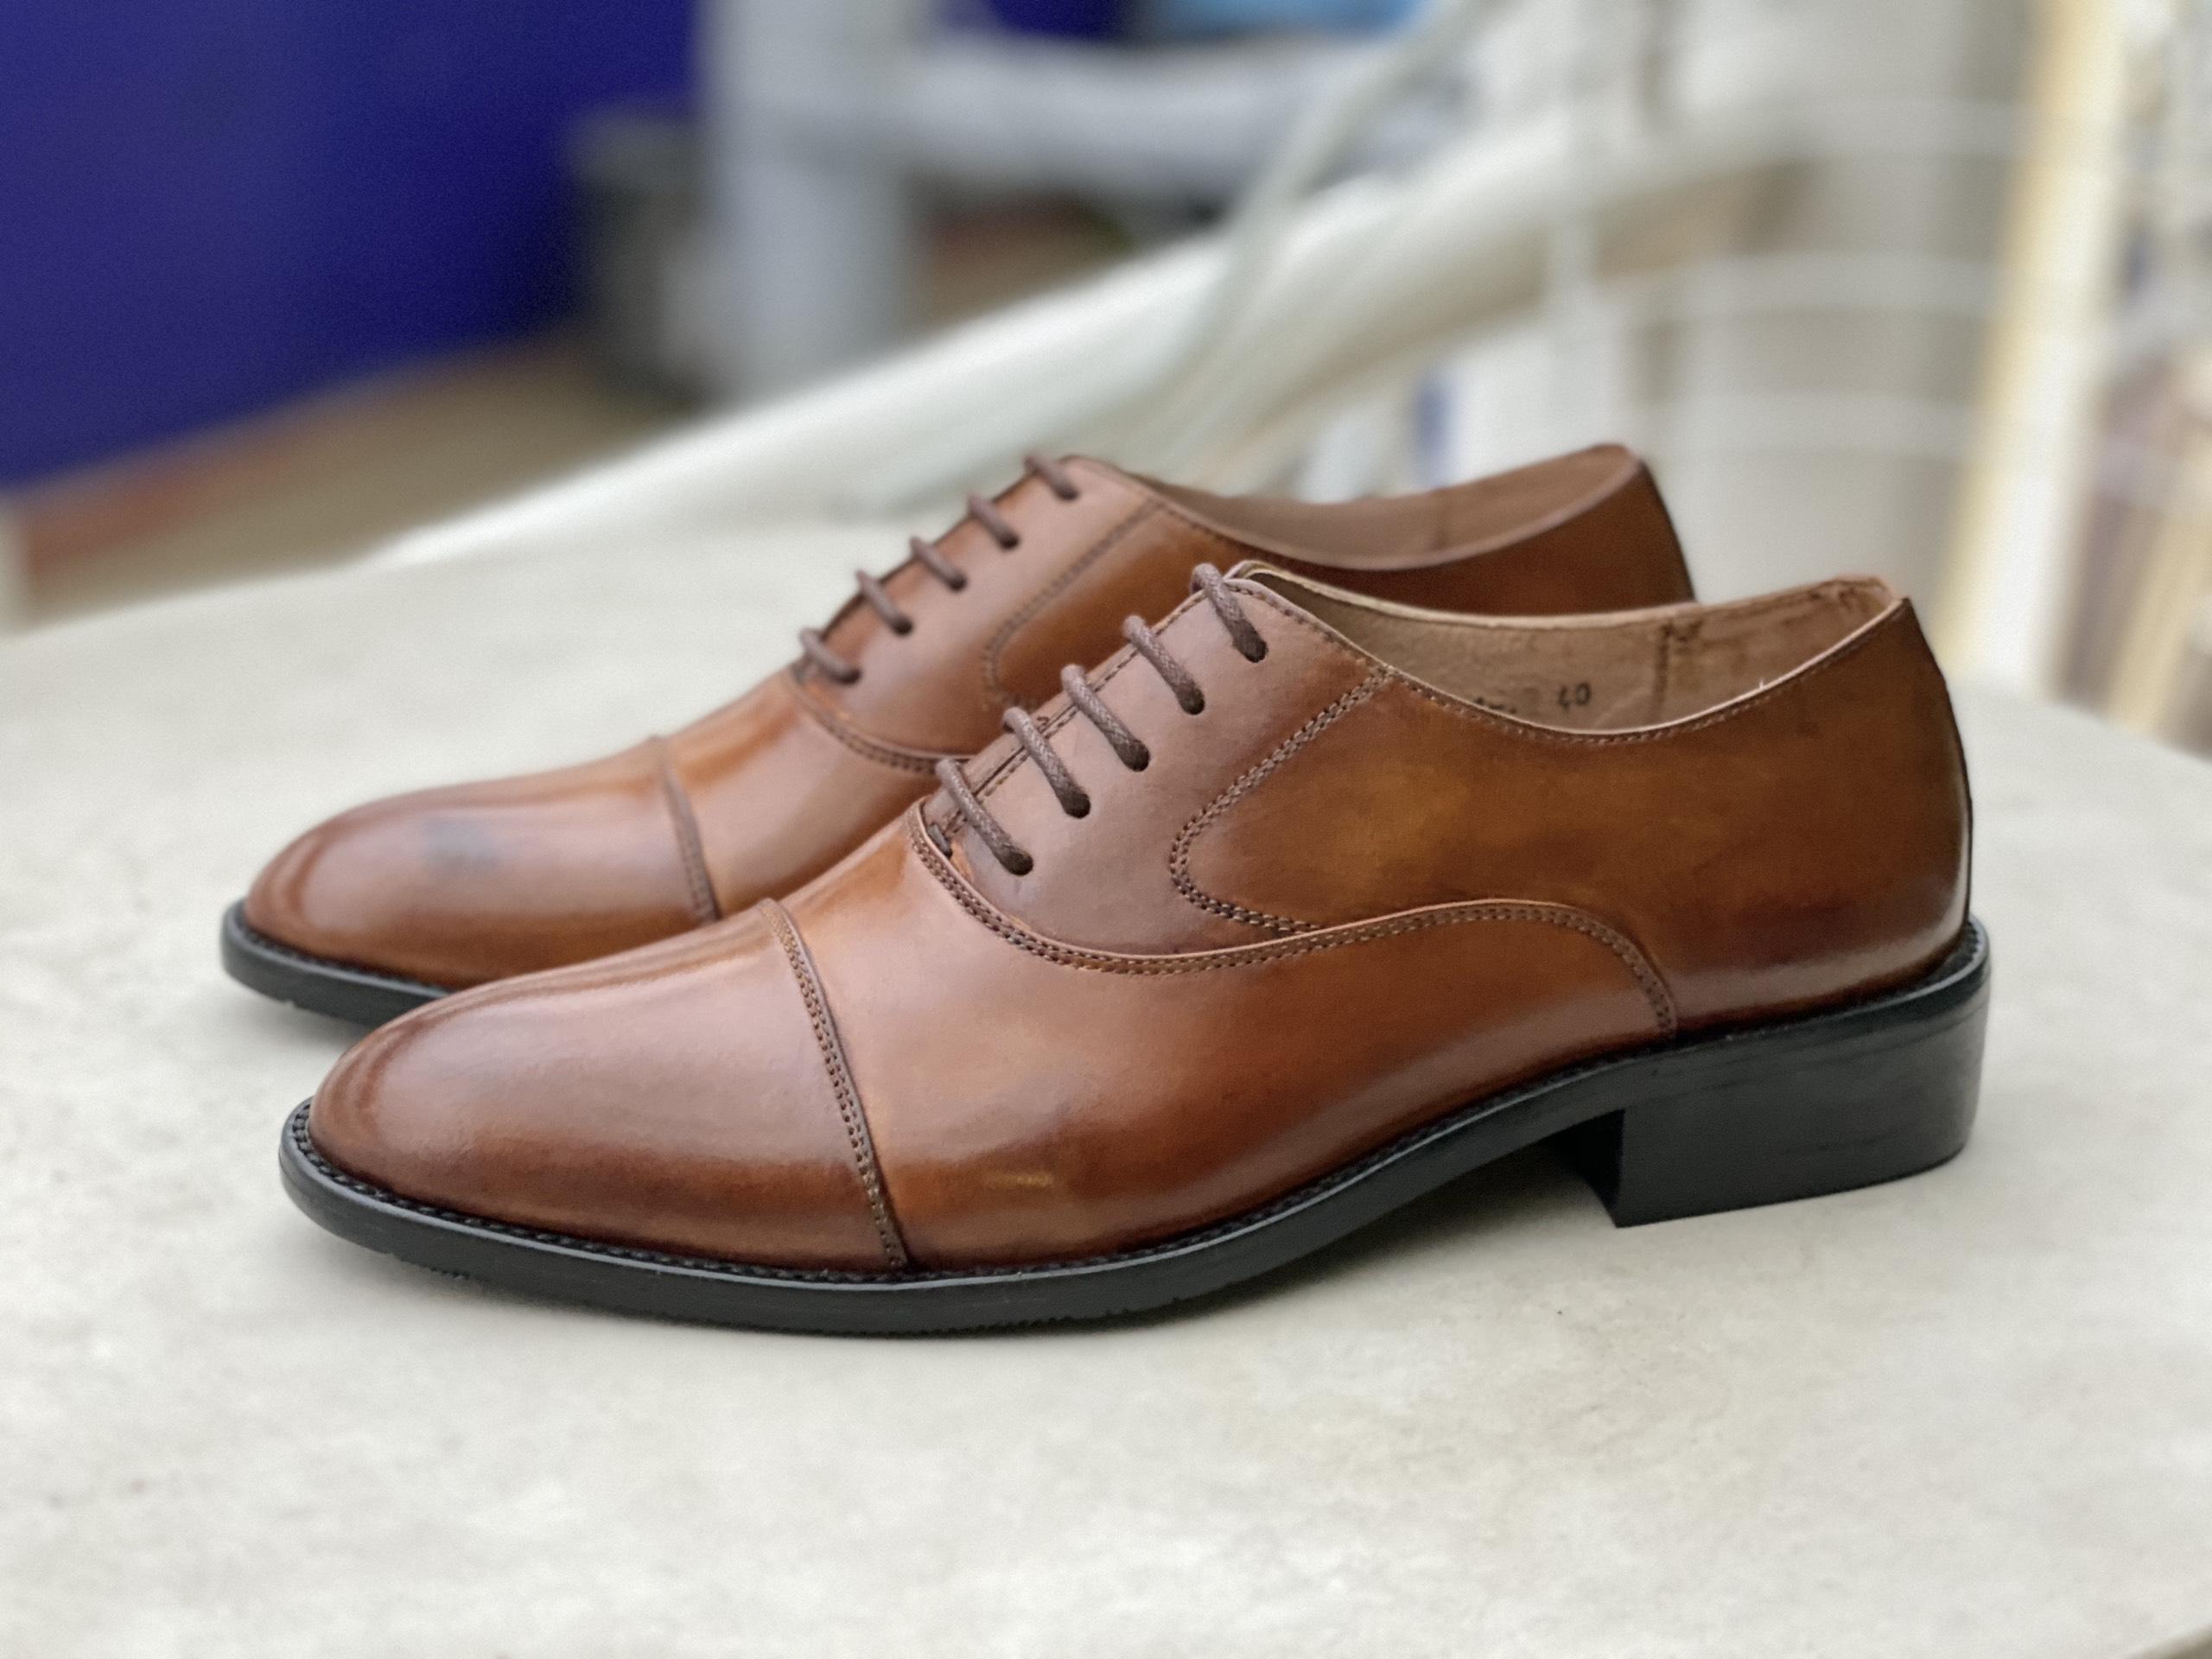 Giày tây nam mũi tròn có thiết kế đơn giản và khá được ưa chuộng tại thị truòng việt nam.